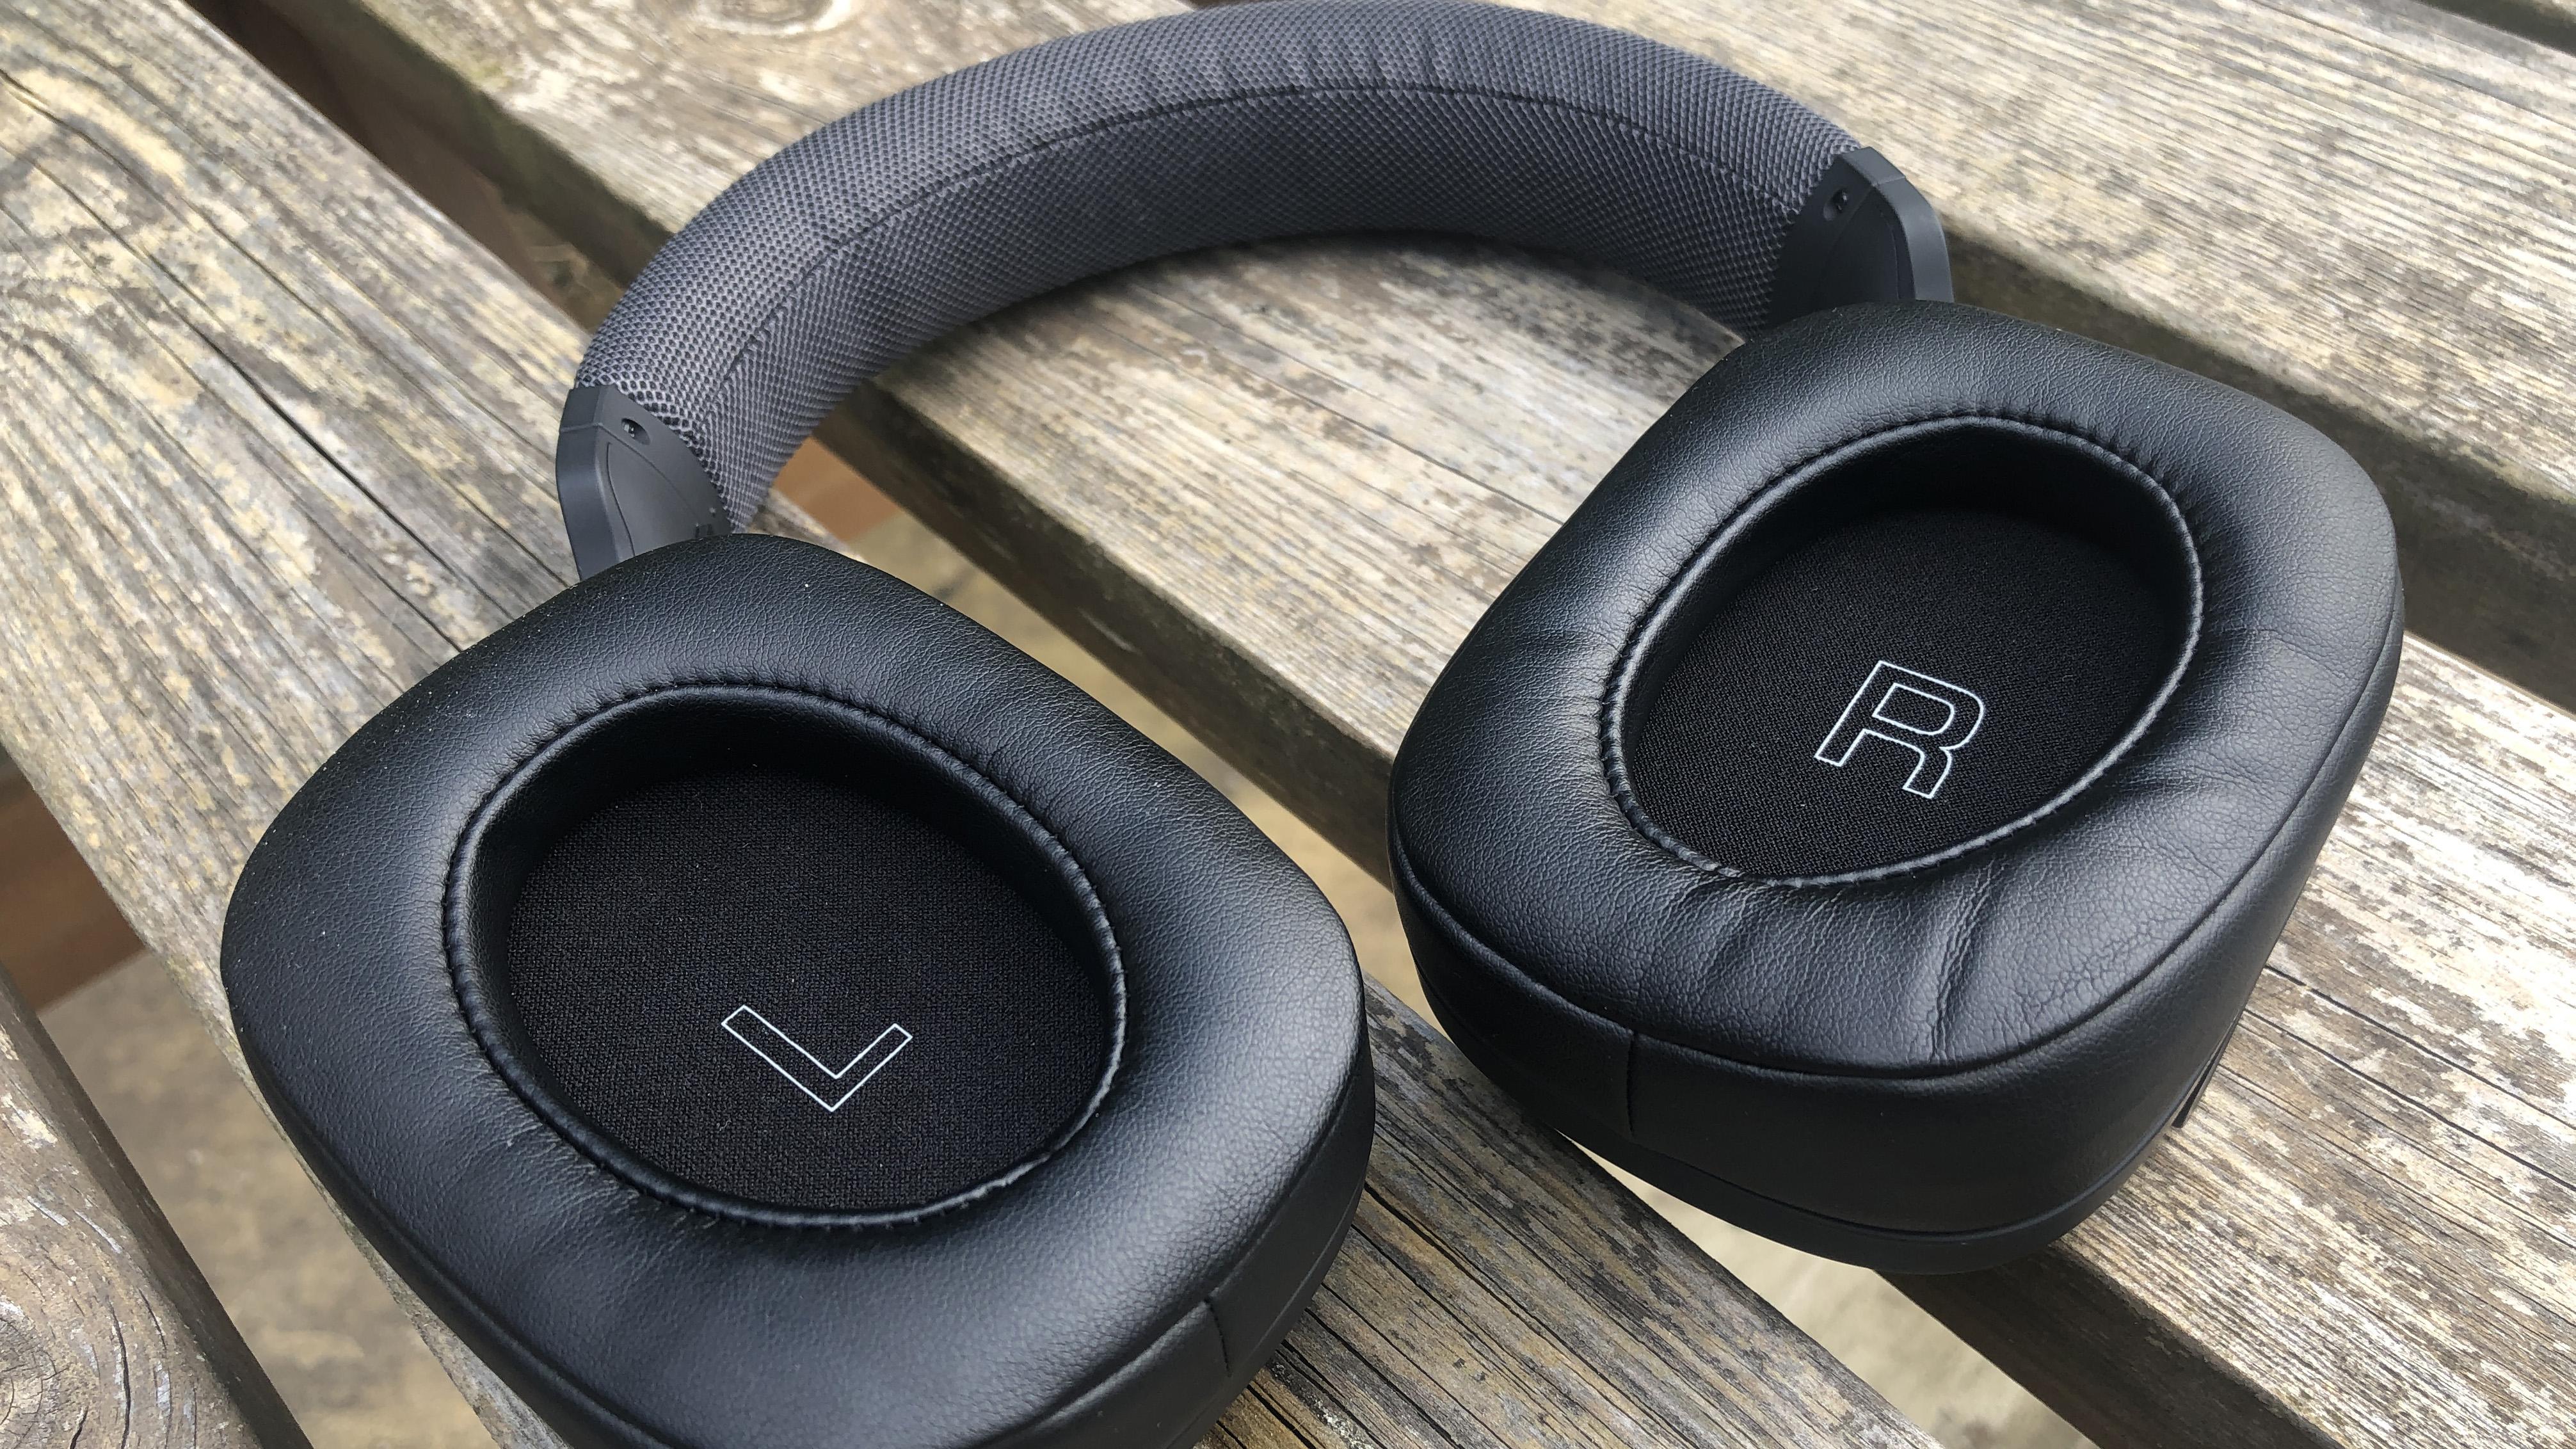 the yamaha yh-l700a headphones